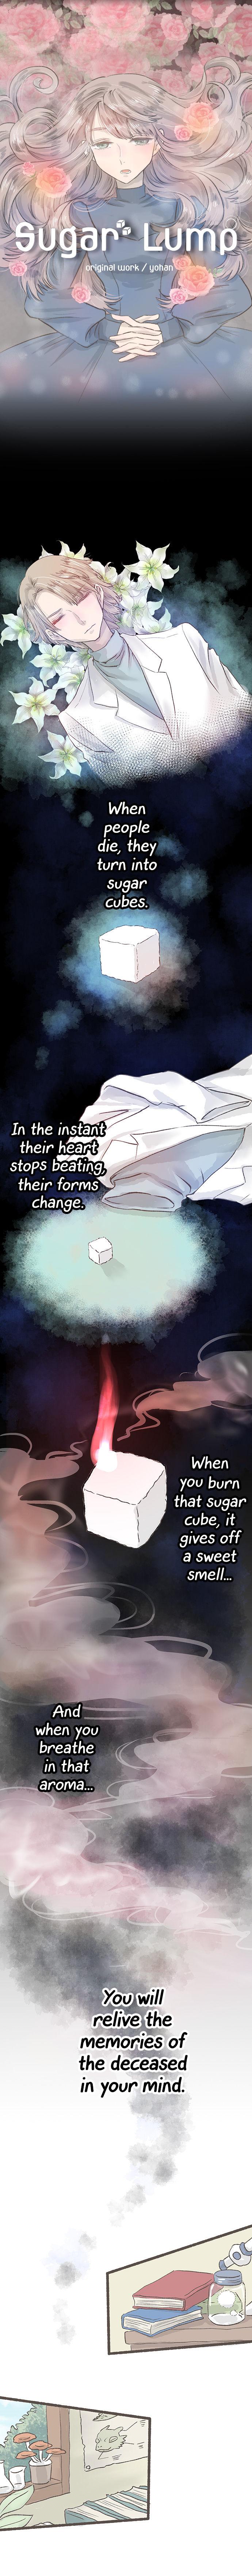 Sugar Lamp (Gunshi KUMA) 1 Page 2